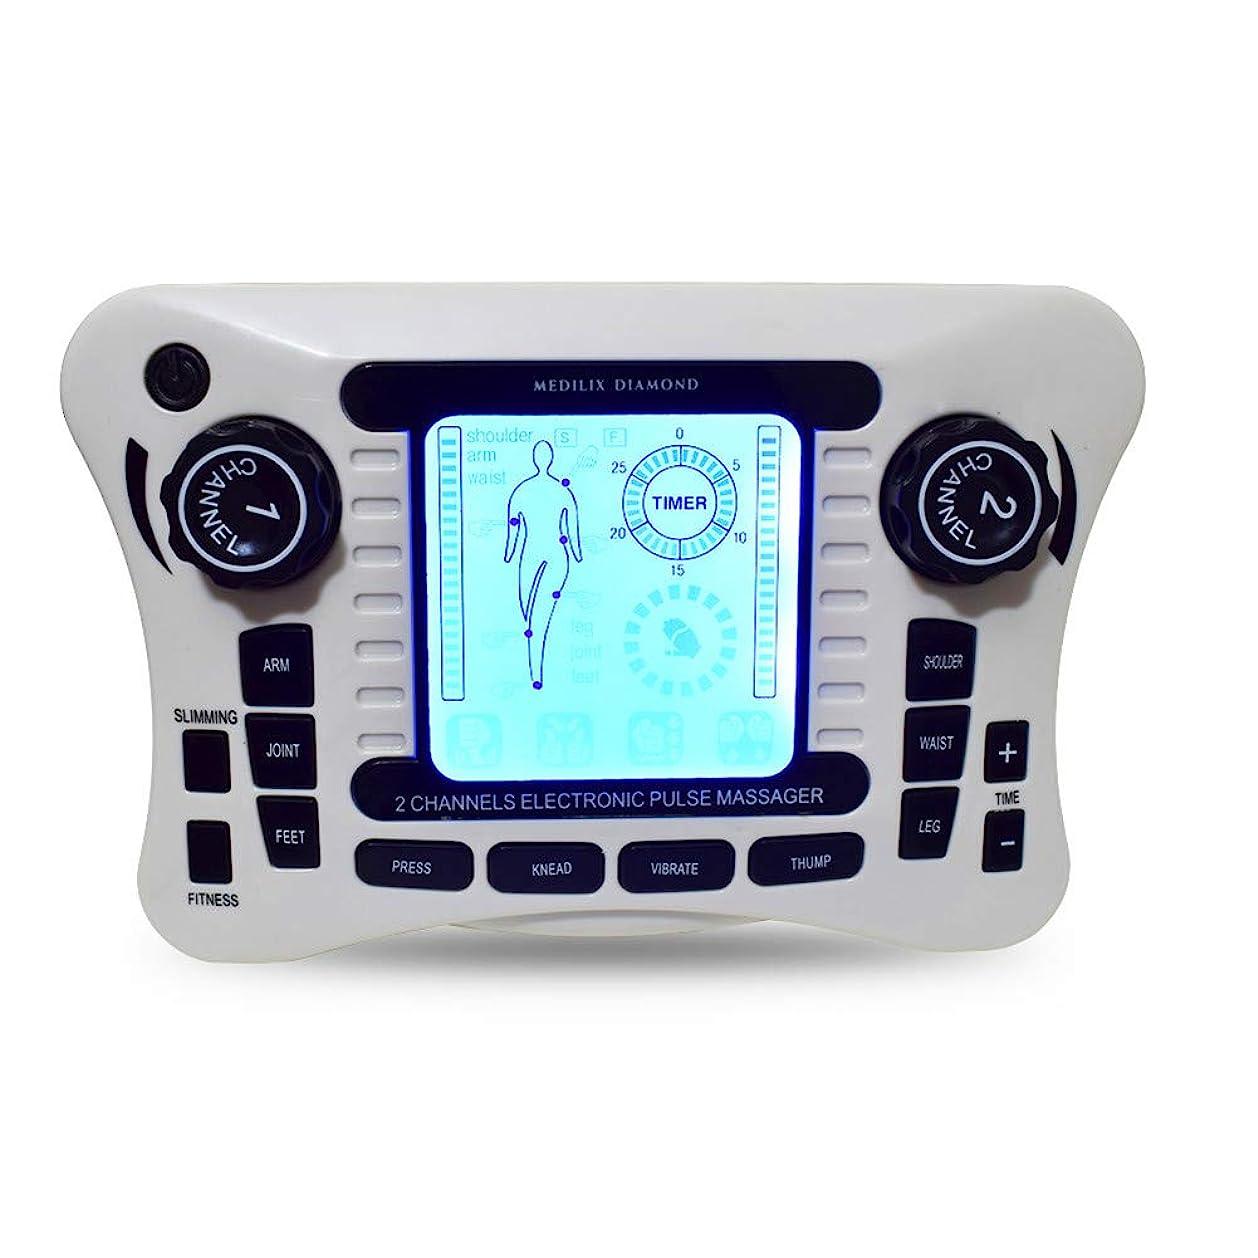 着飾る構想するガラスTENSマッサージャー、多機能ポータブル低周波理学療法器具、肩、腰、関節、手、足、脚の2チャンネルパルス鍼治療